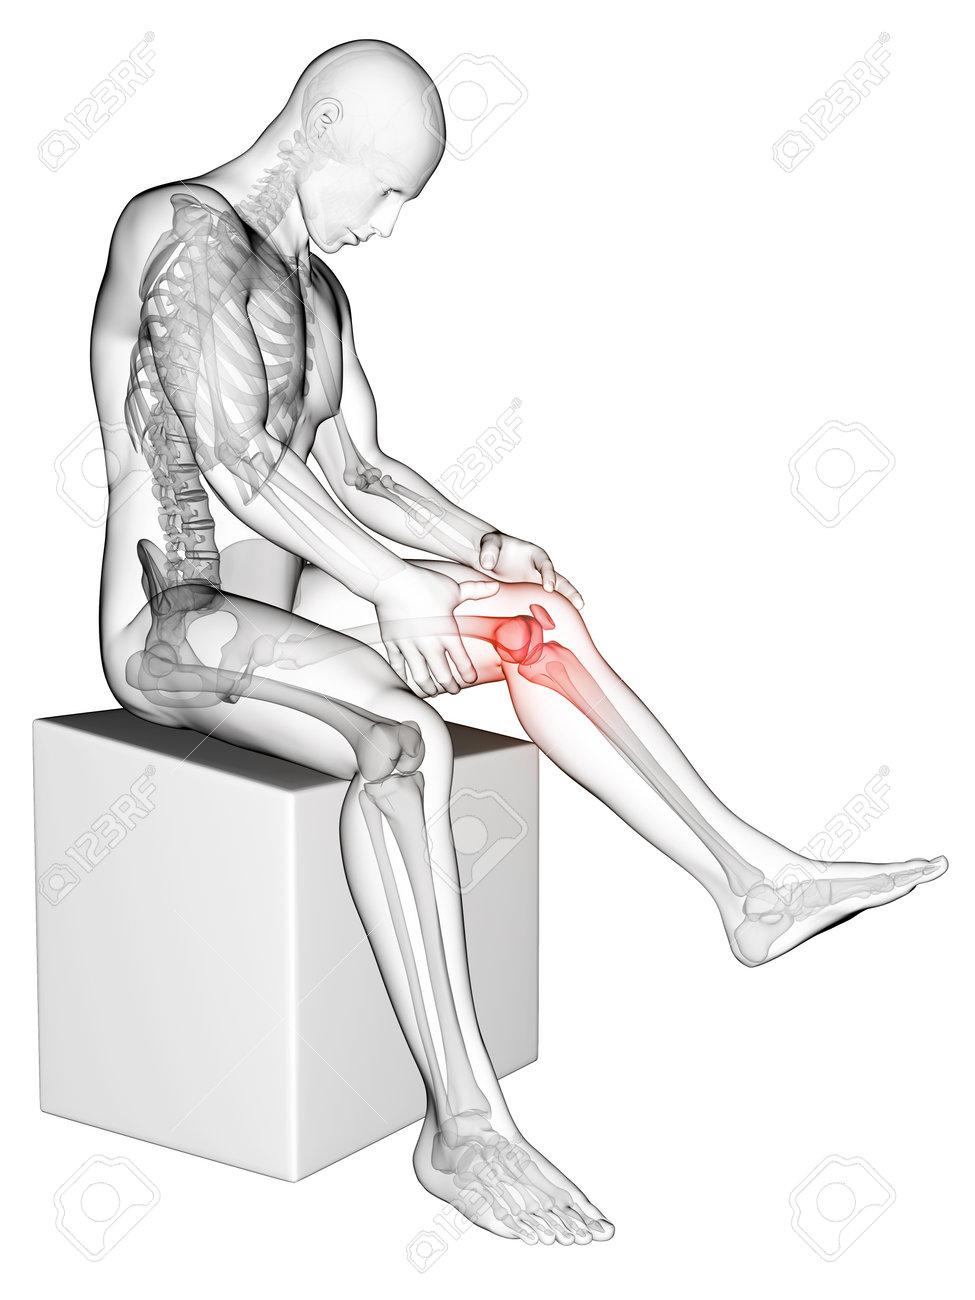 3 D レンダリングされた医療イラスト 膝の痛み の写真素材画像素材